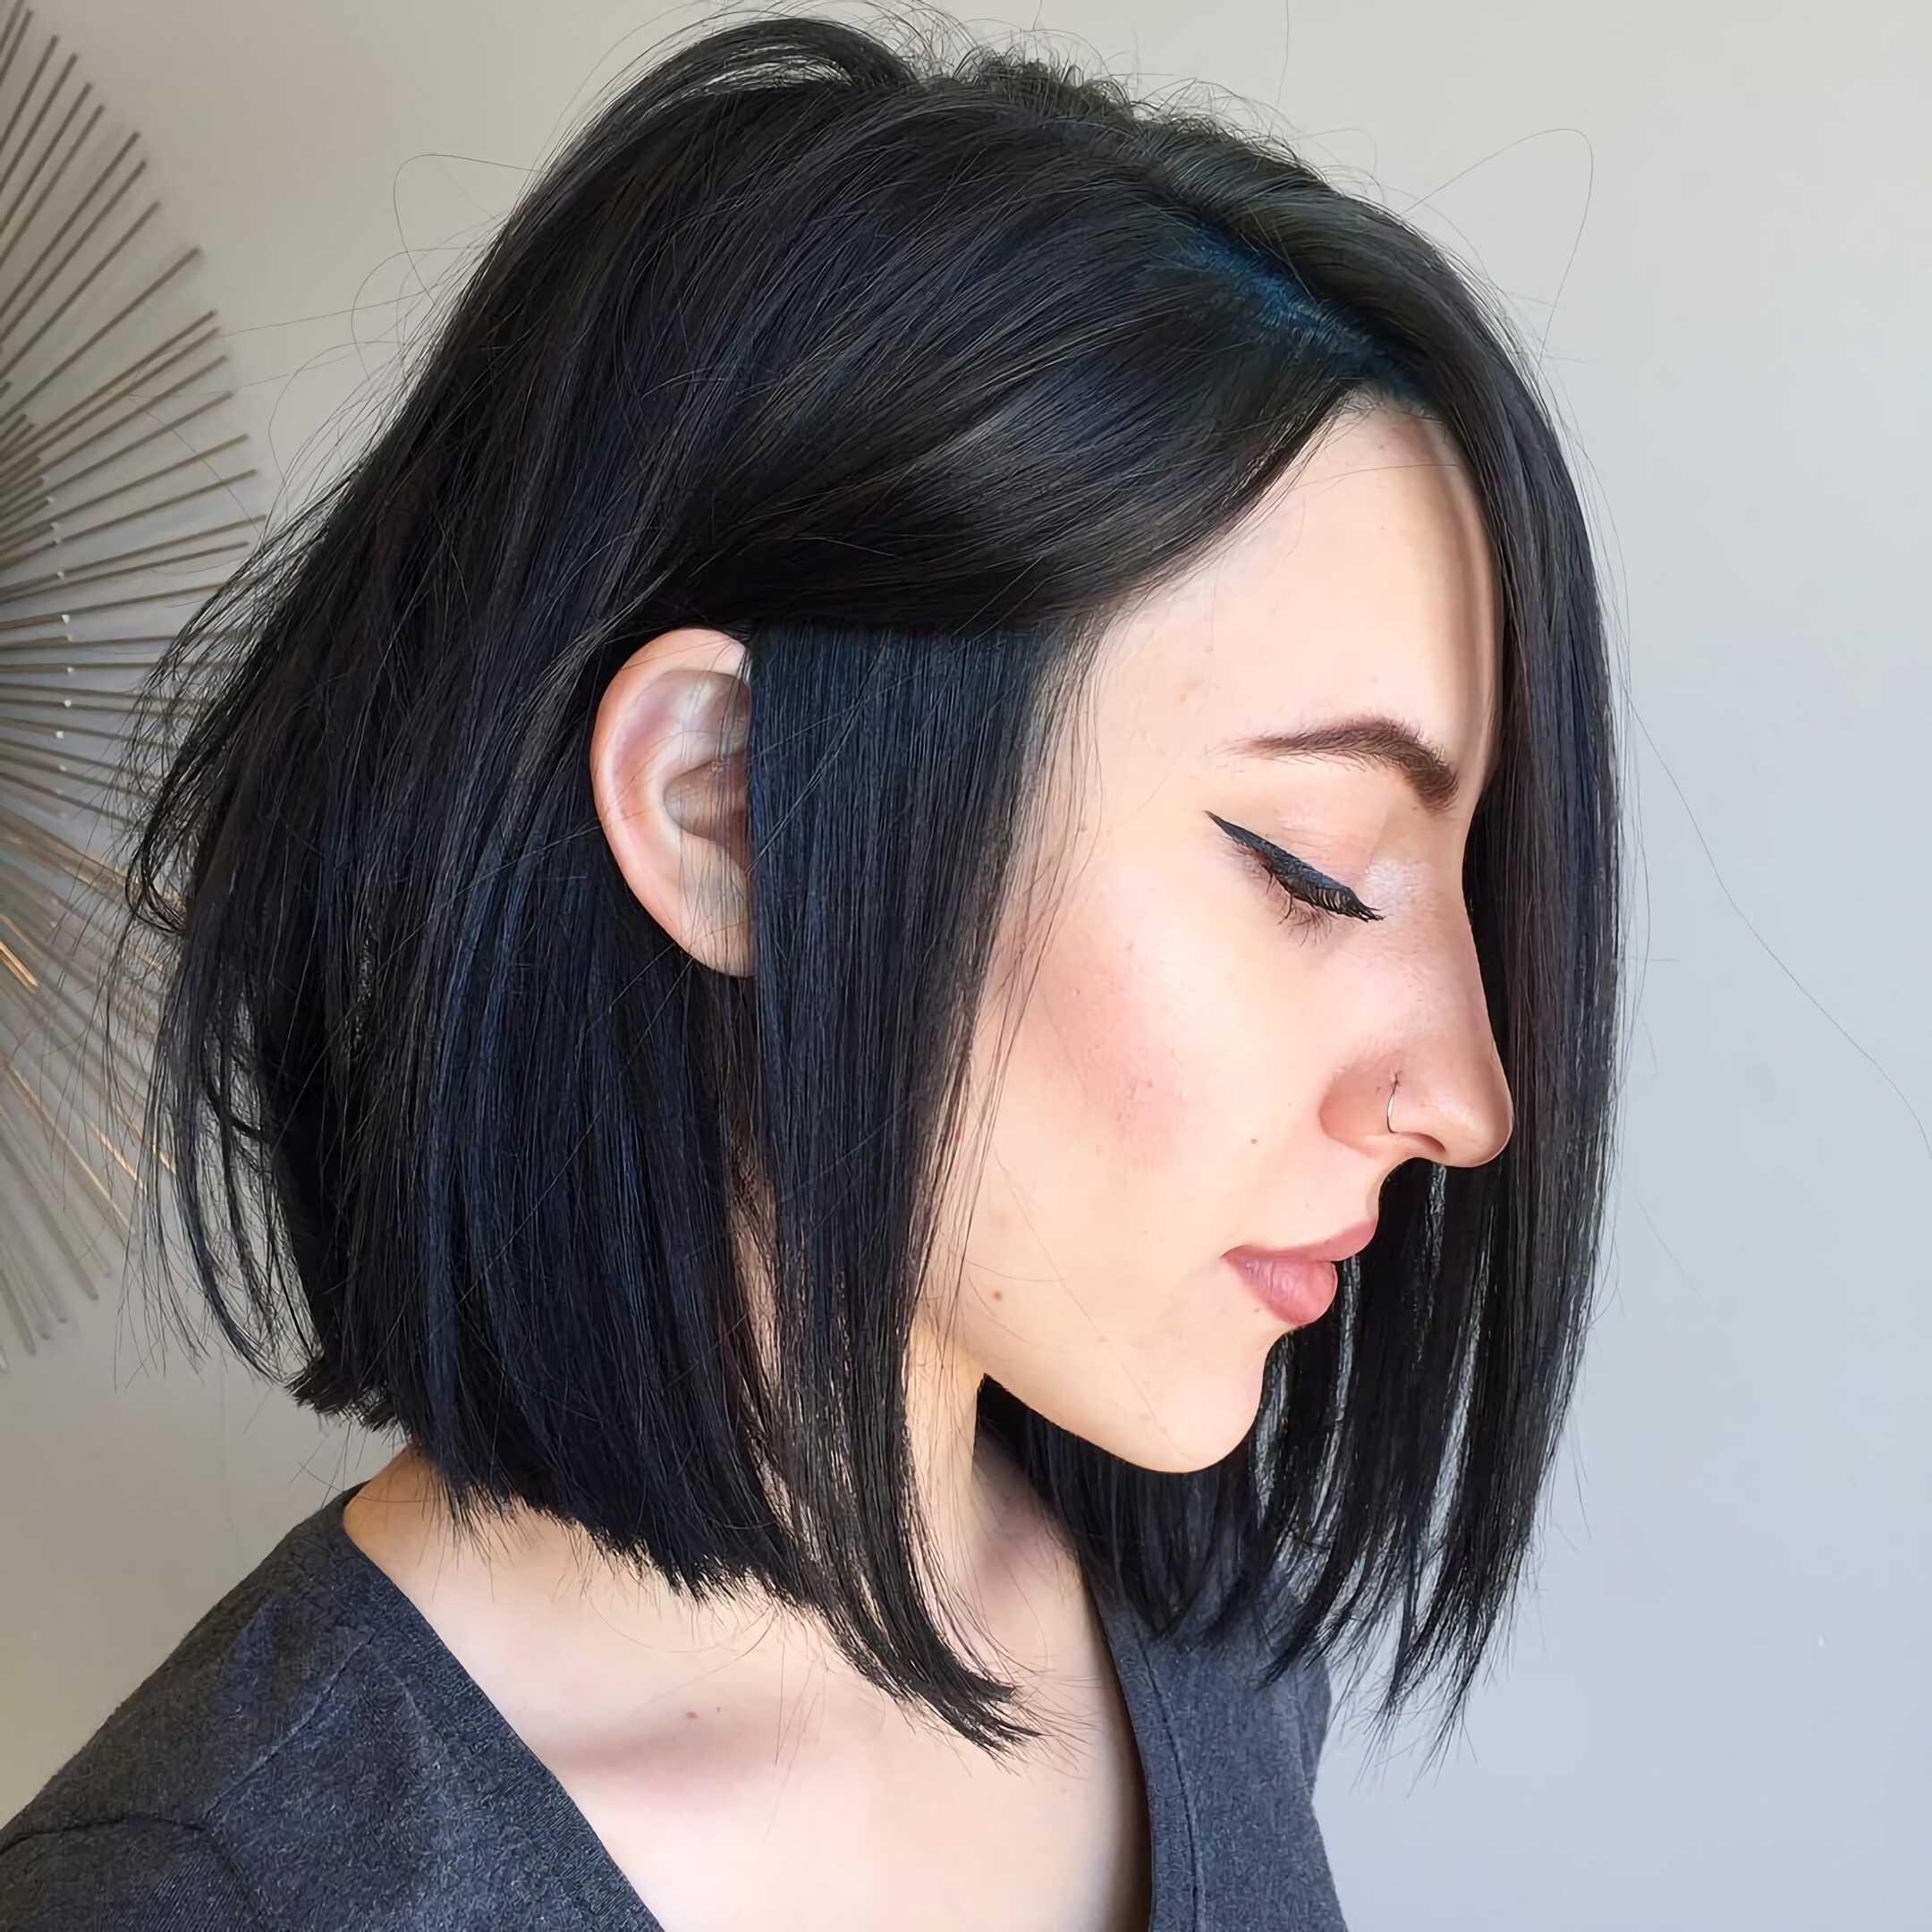 темный квадратный боб на средние волосы